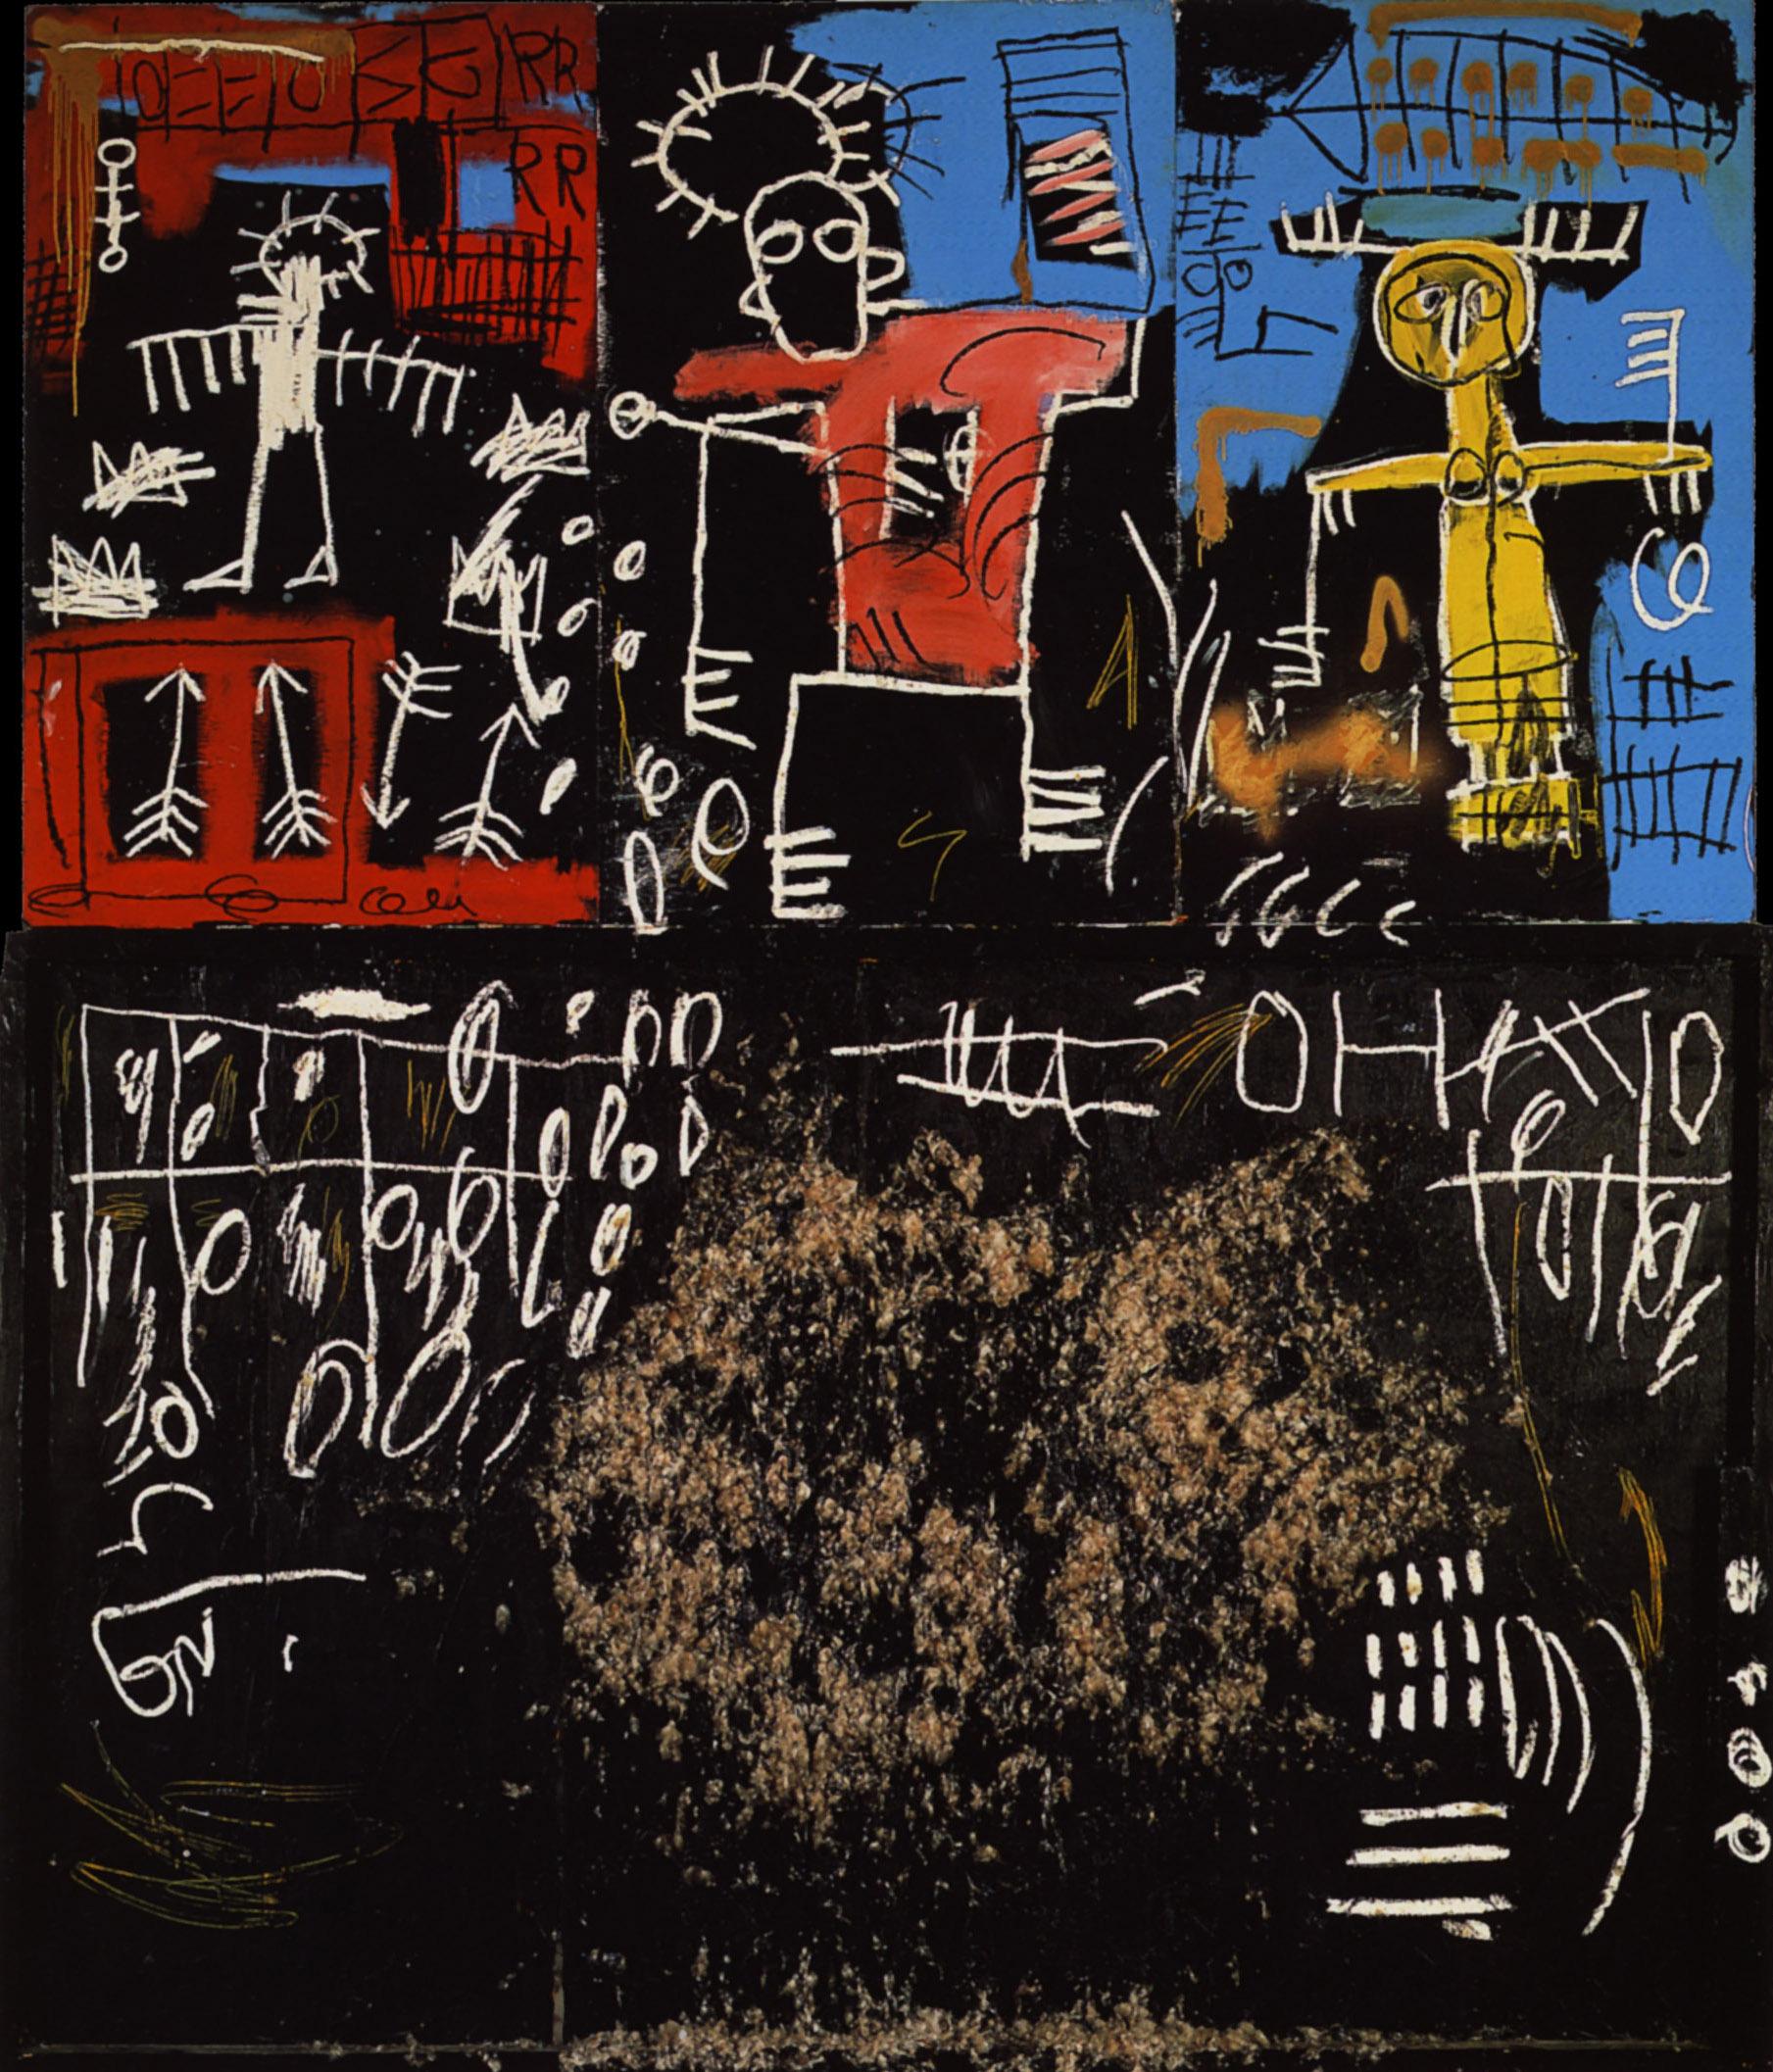 尚·米榭·巴斯奇亚绘画作品